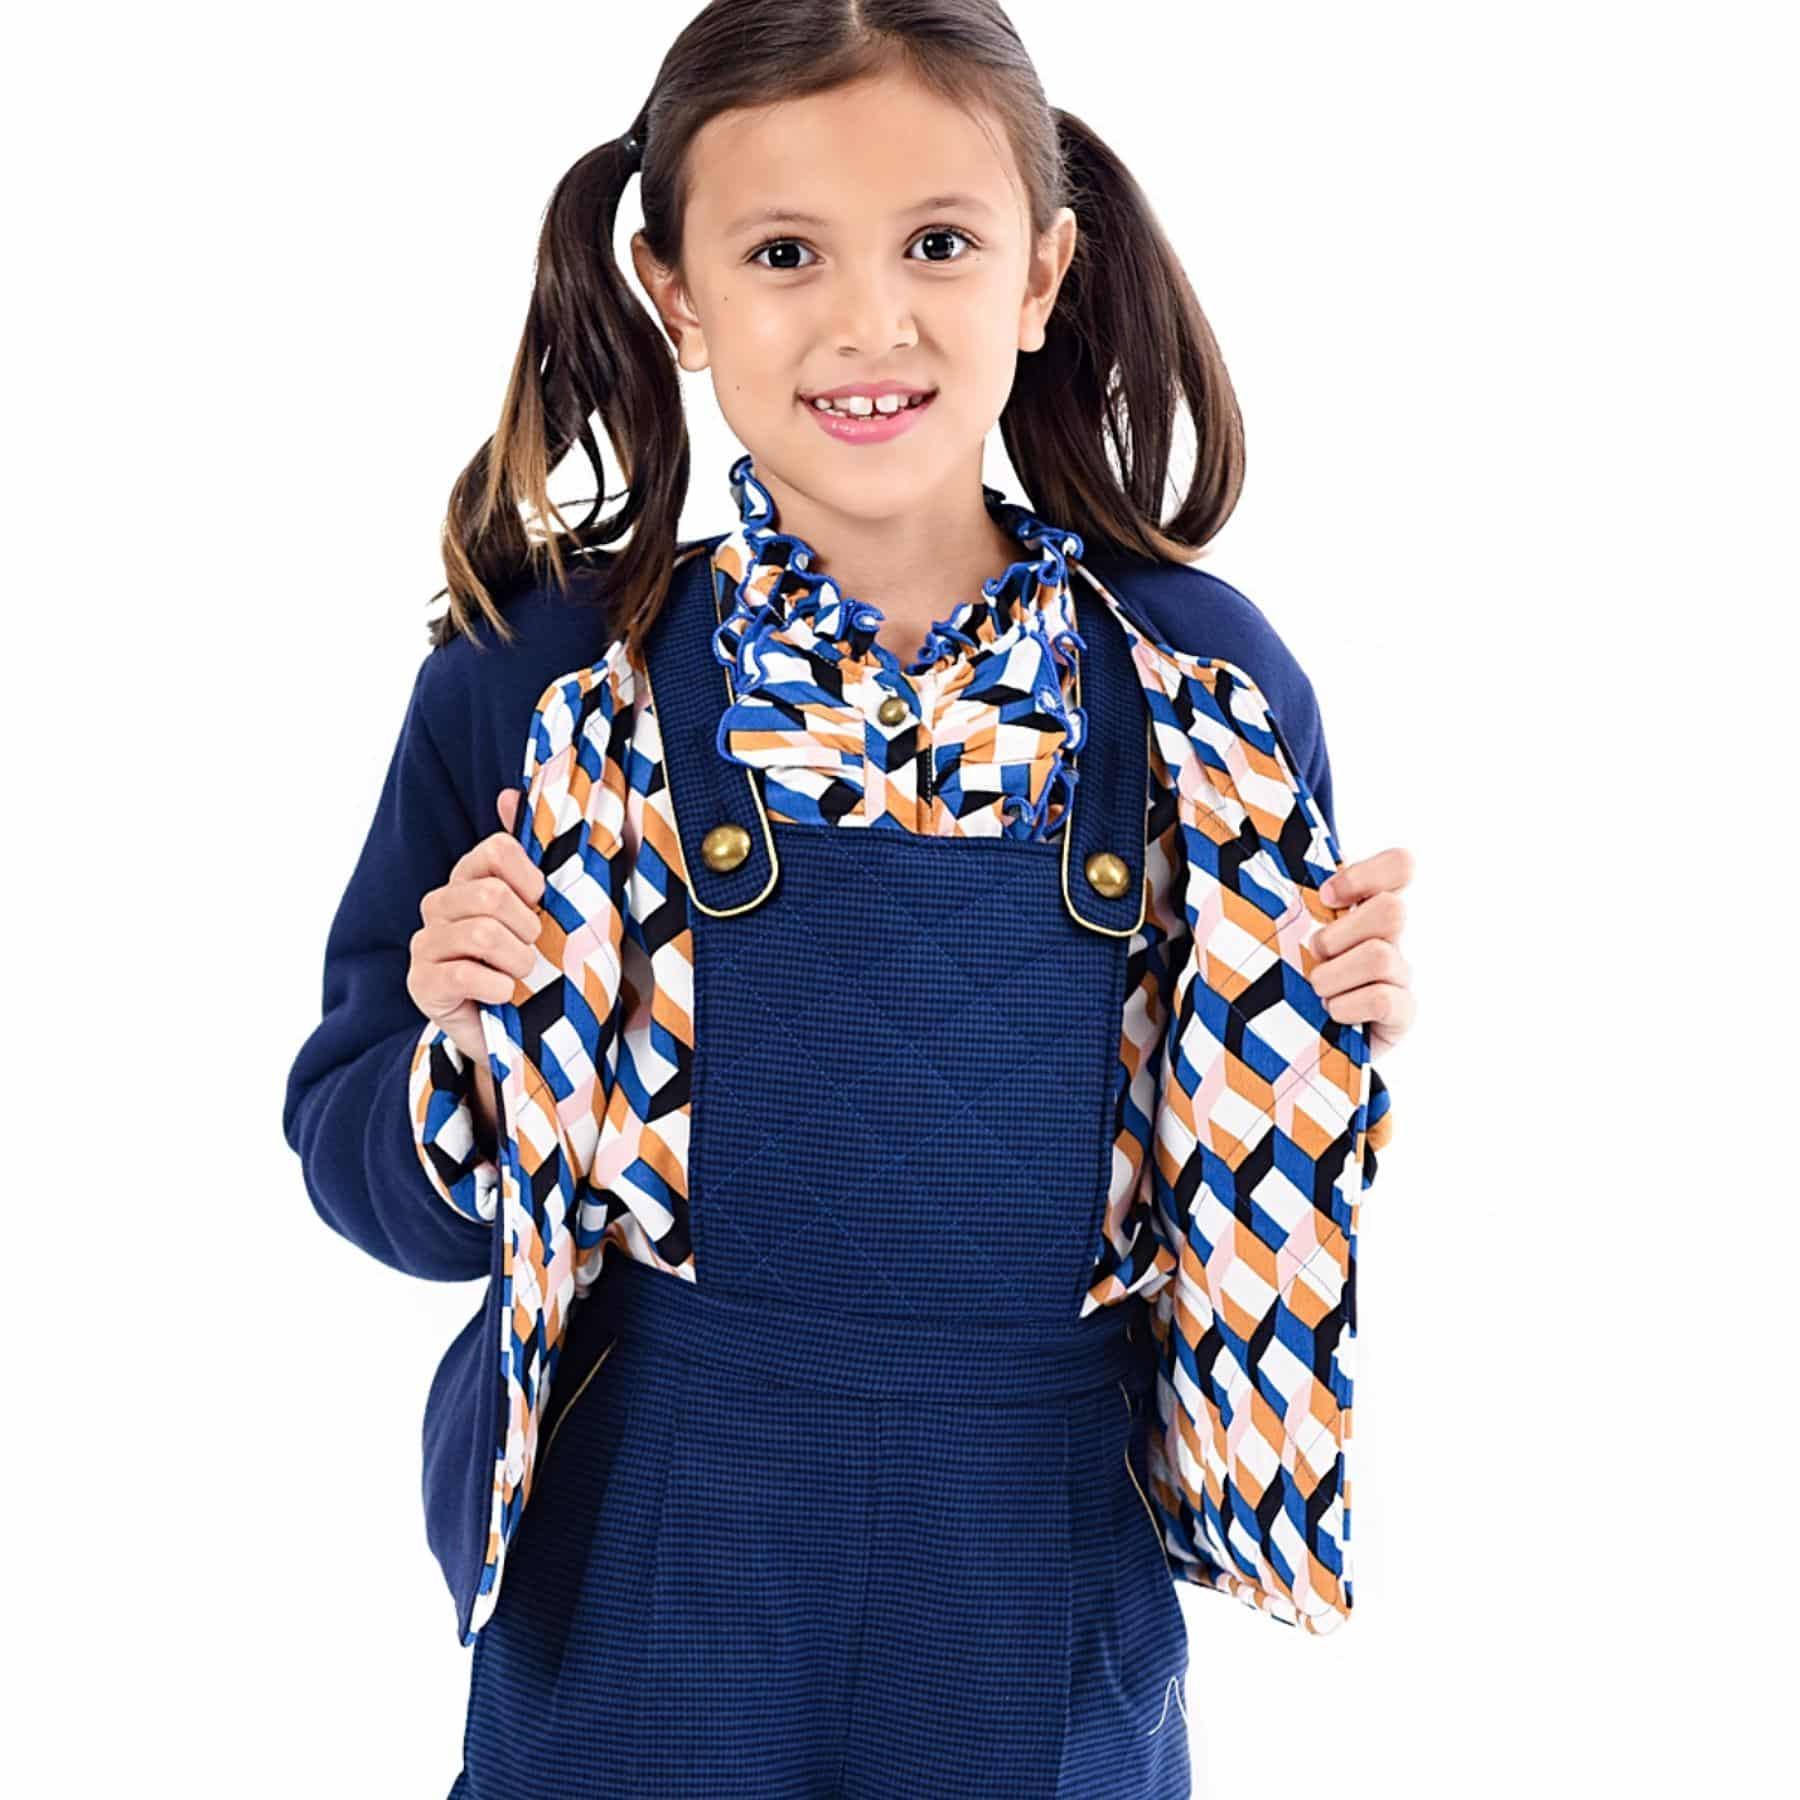 veste cardigan molleton bleu marine imprimé géométrique bleu roi, rose, jaune pour petites filles de 2 à 12 ans